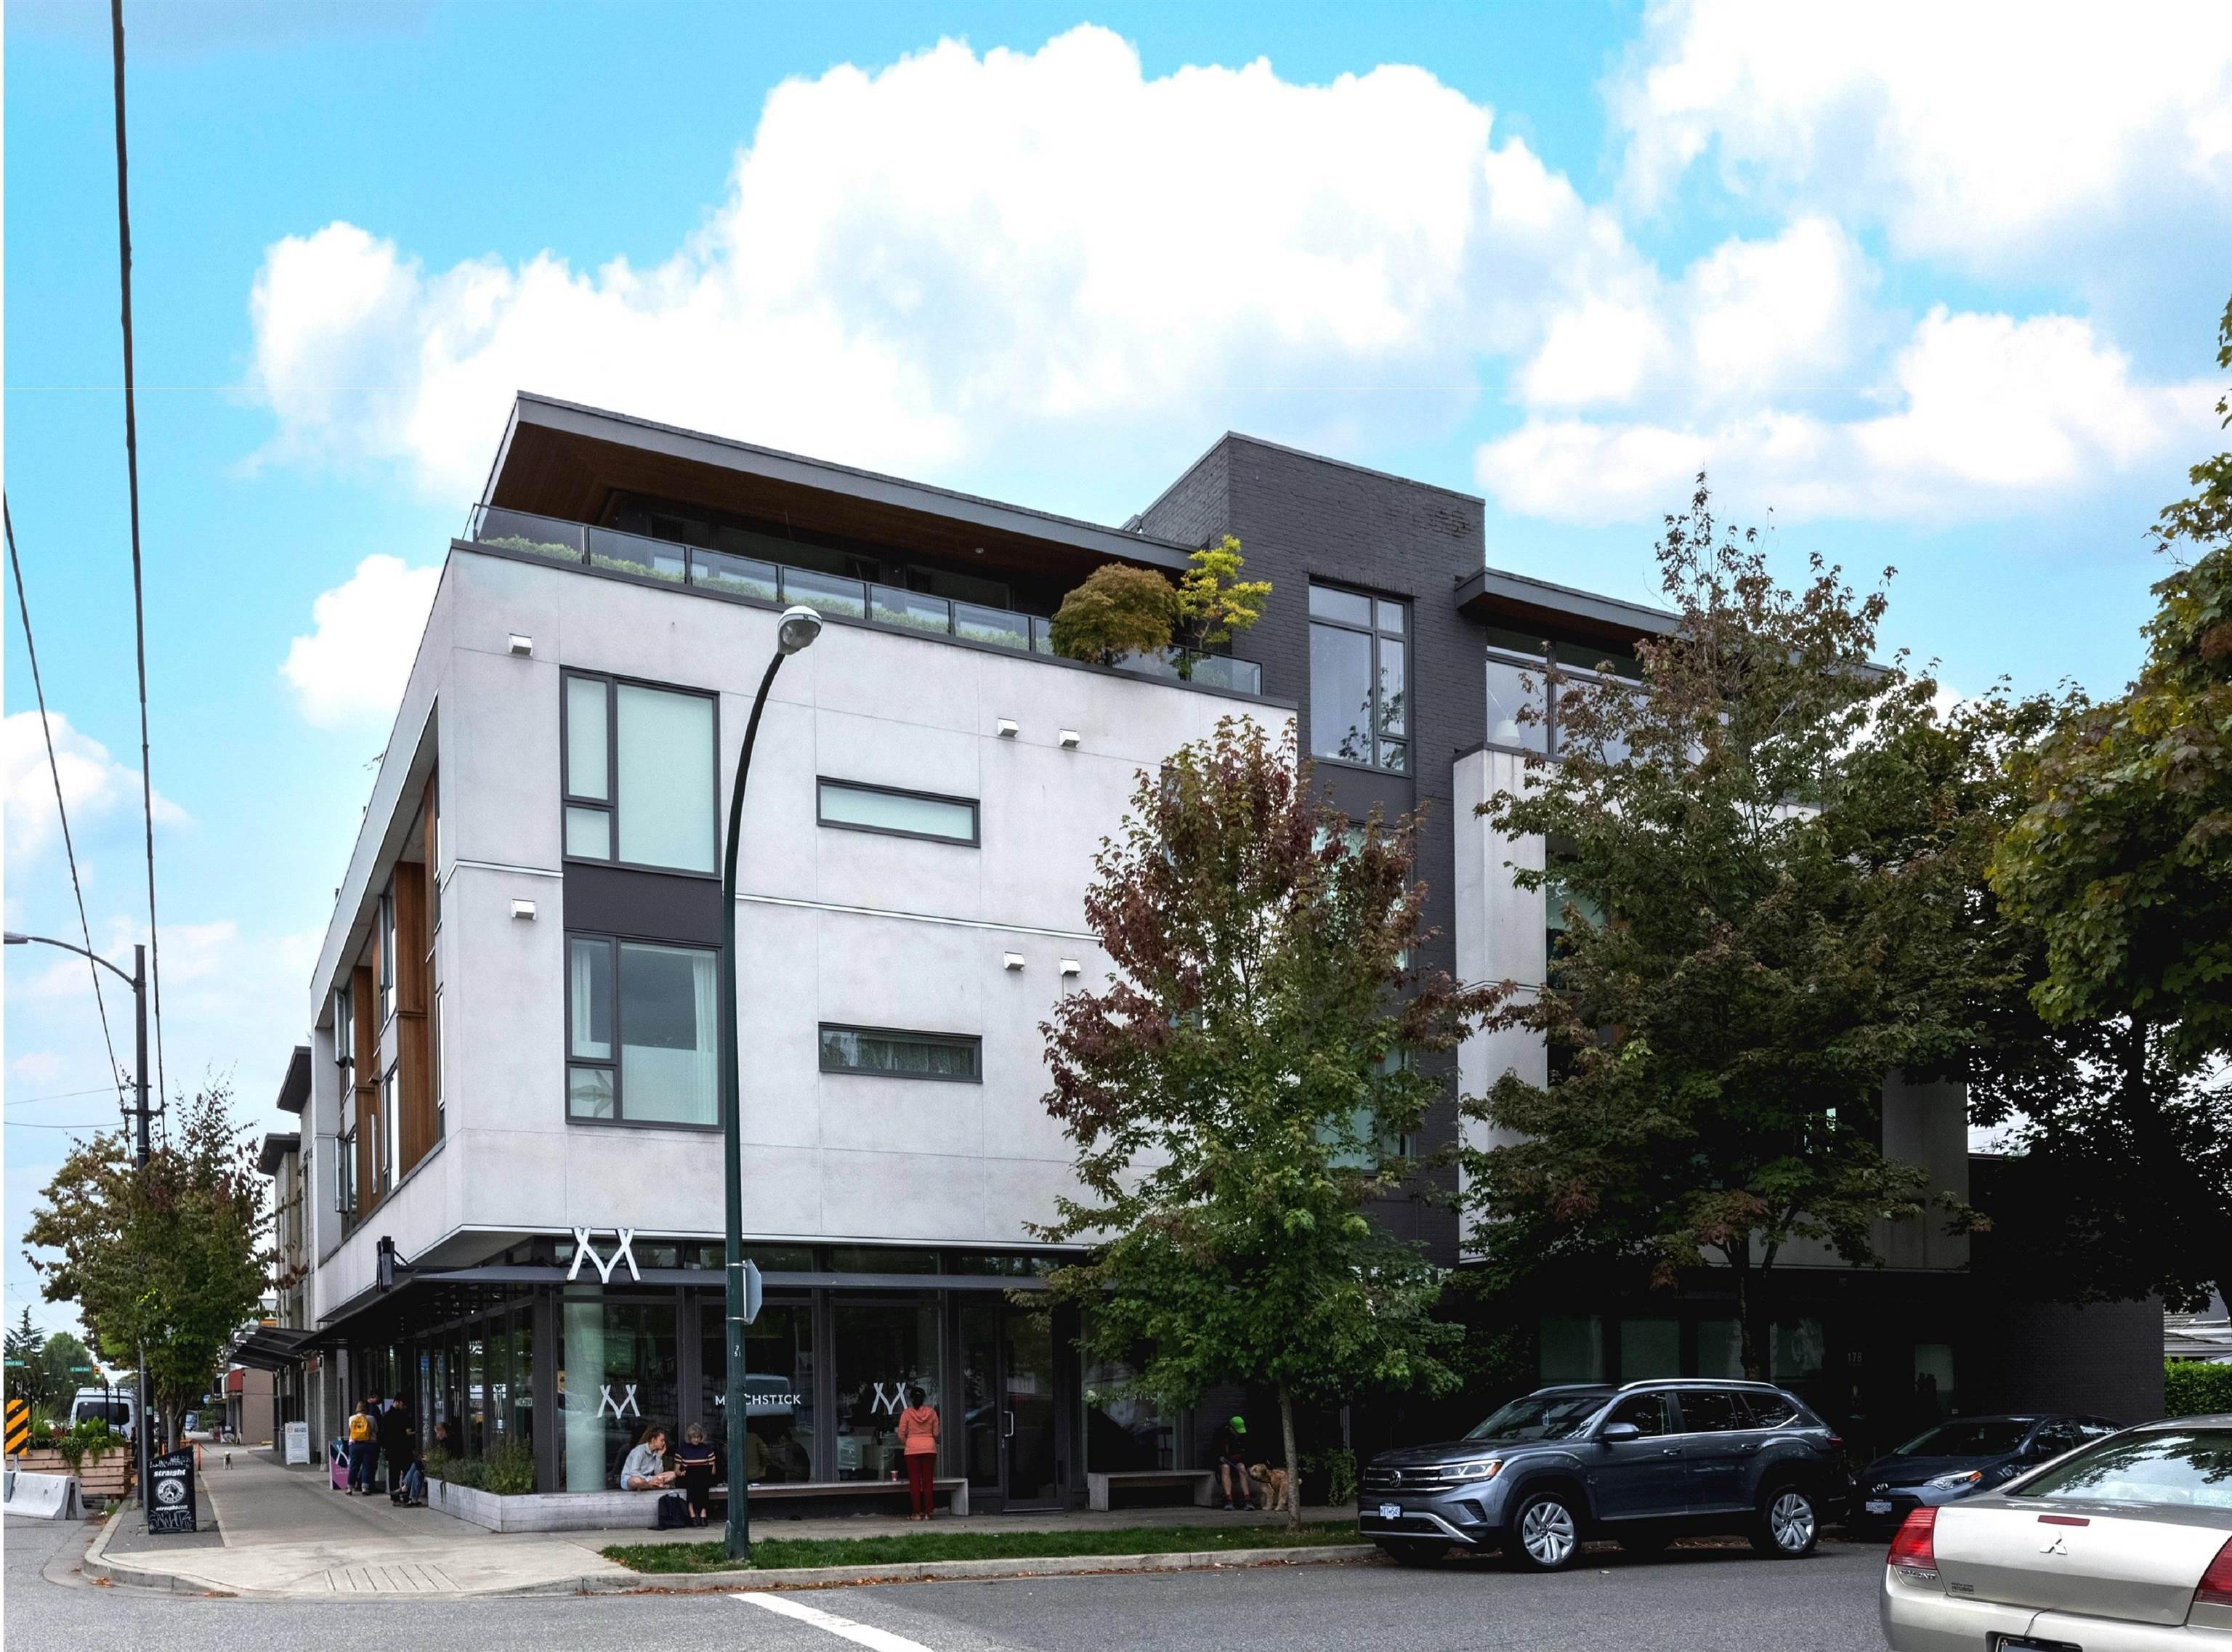 305 188 E 32ND AVENUE - Main Apartment/Condo for sale, 1 Bedroom (R2614532) - #1